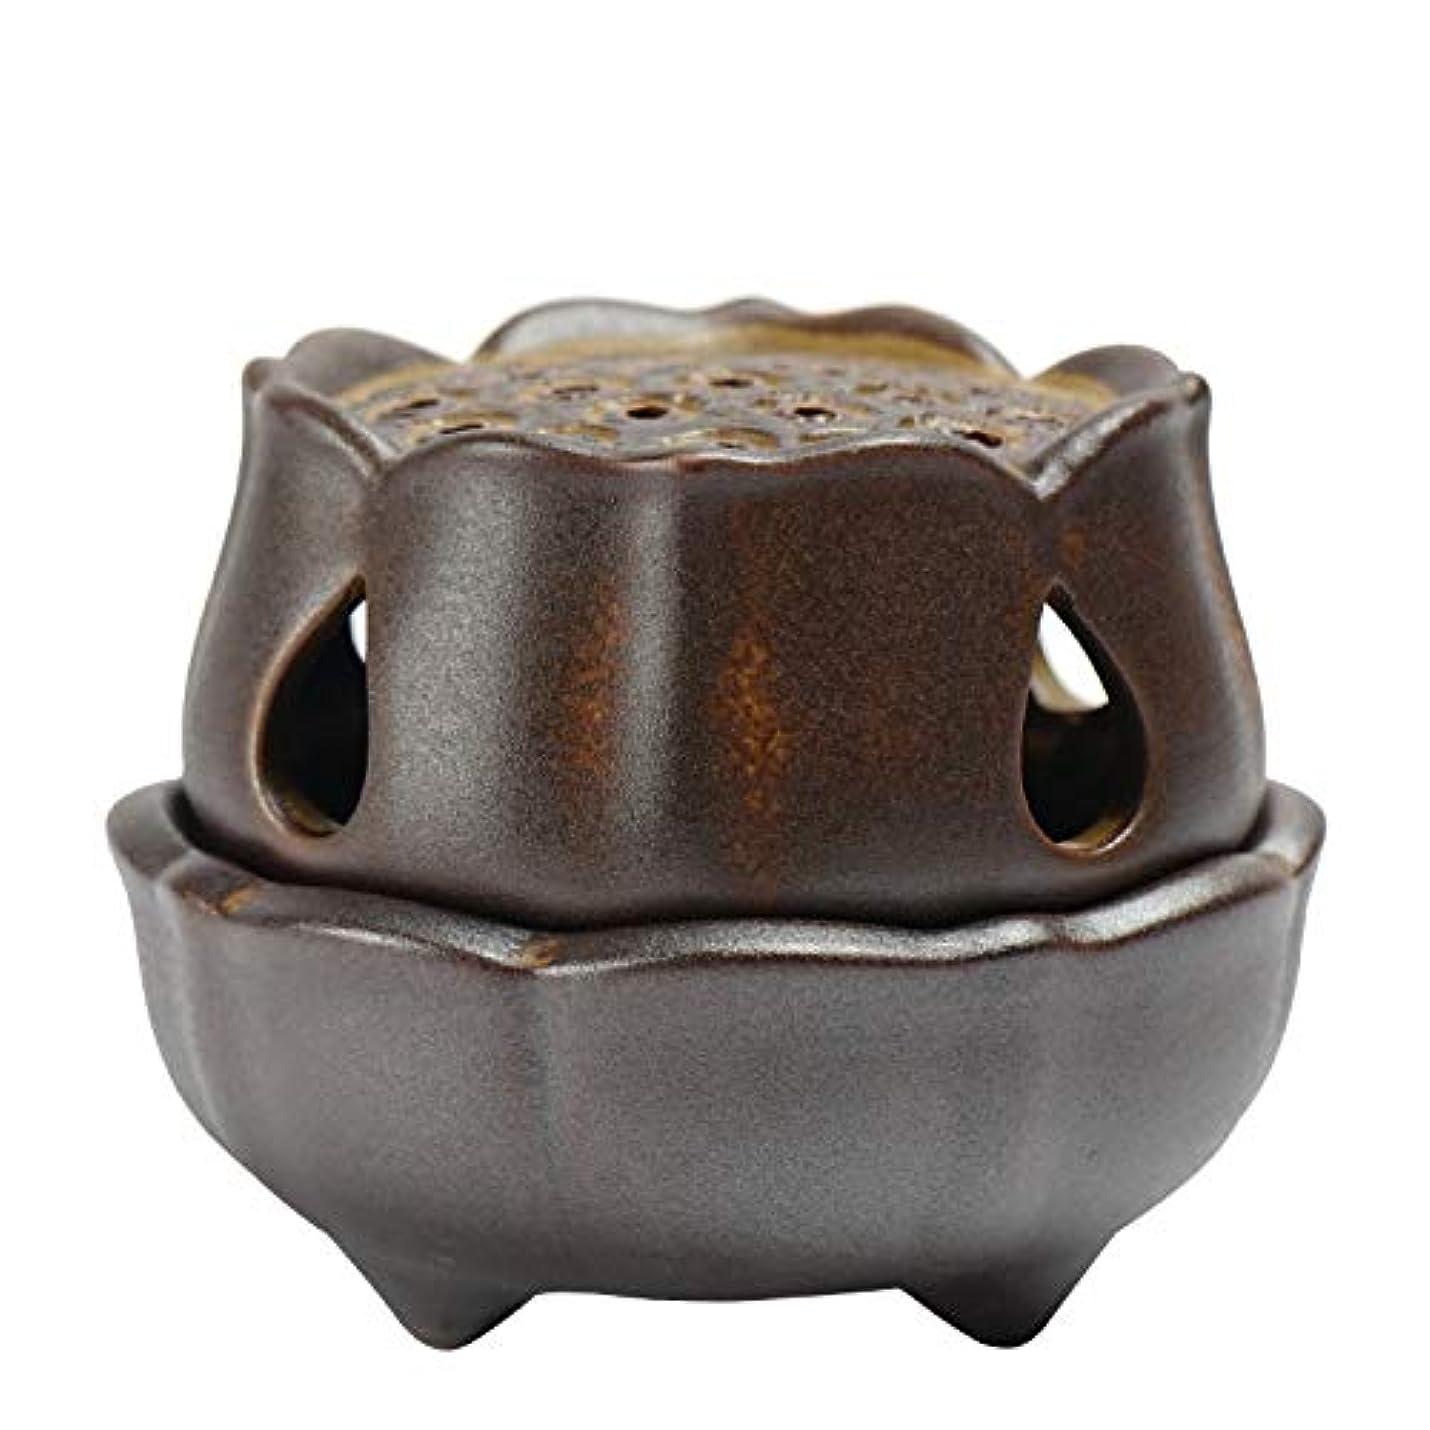 バタフライ深める靄仏の香のアロマセラピー炉9.5 * 8 * 7.3cmのための滝の背部香の棒家族の芳香バーナーの還流の蝋燭の棒の陶磁器